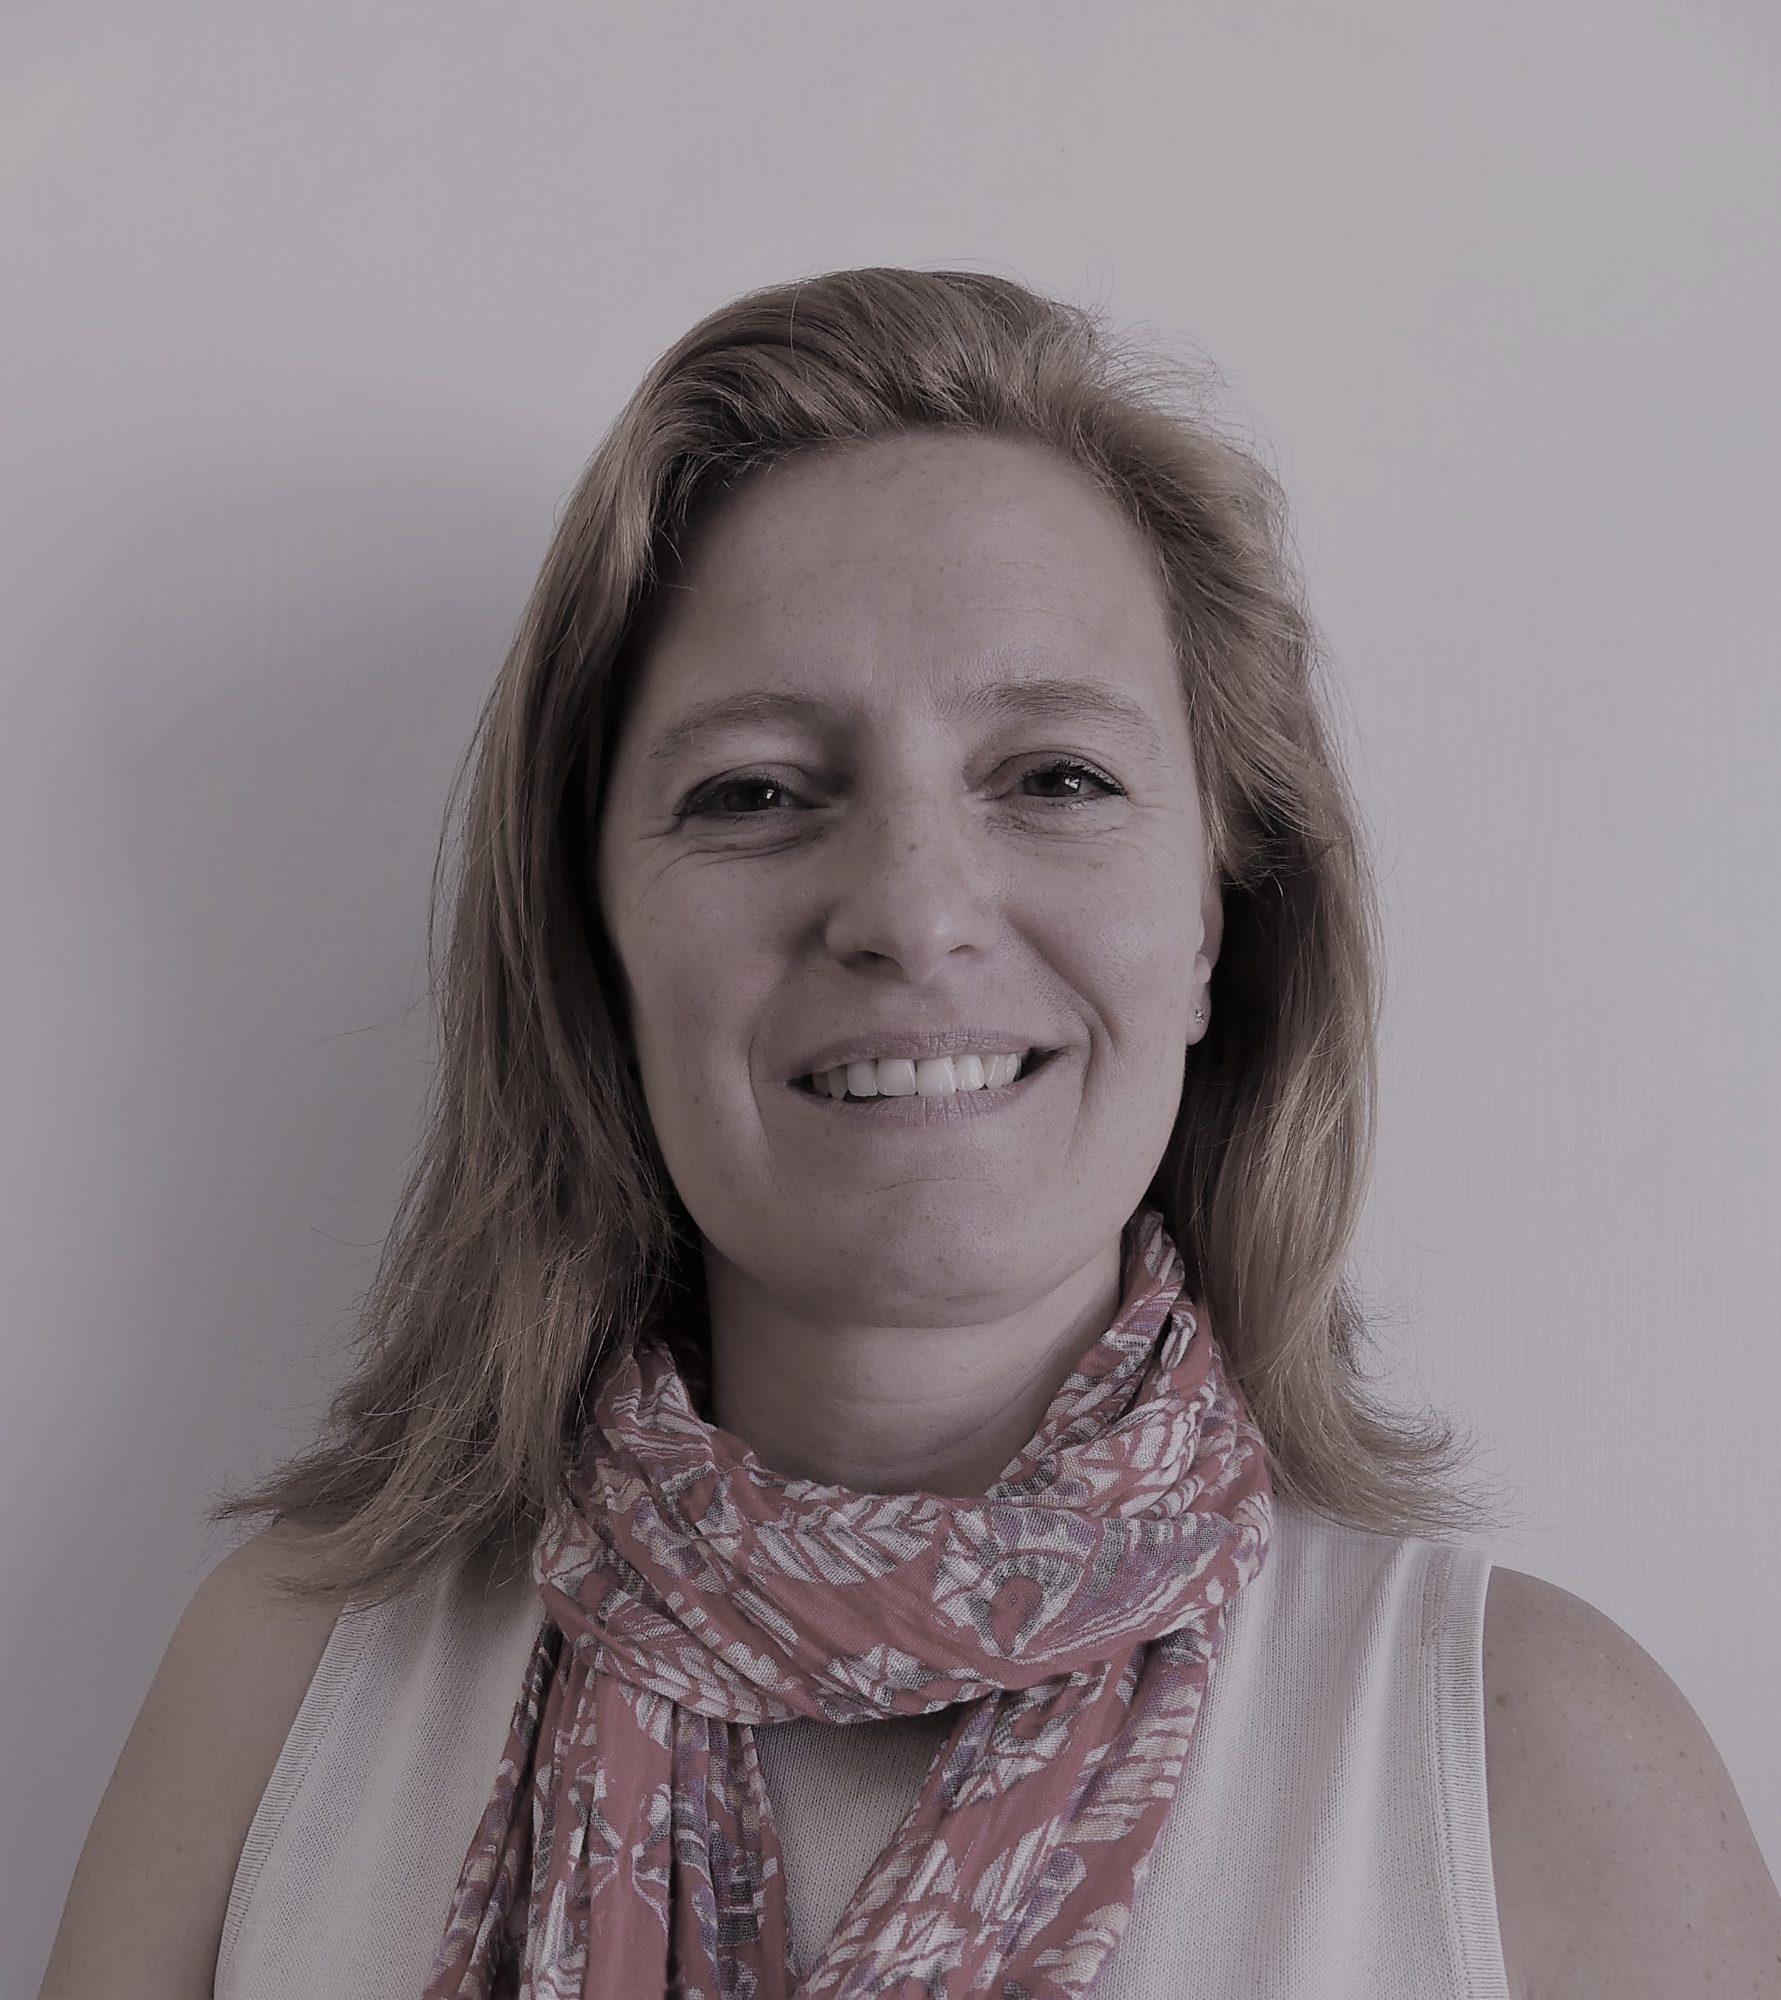 Anne Cabrolier